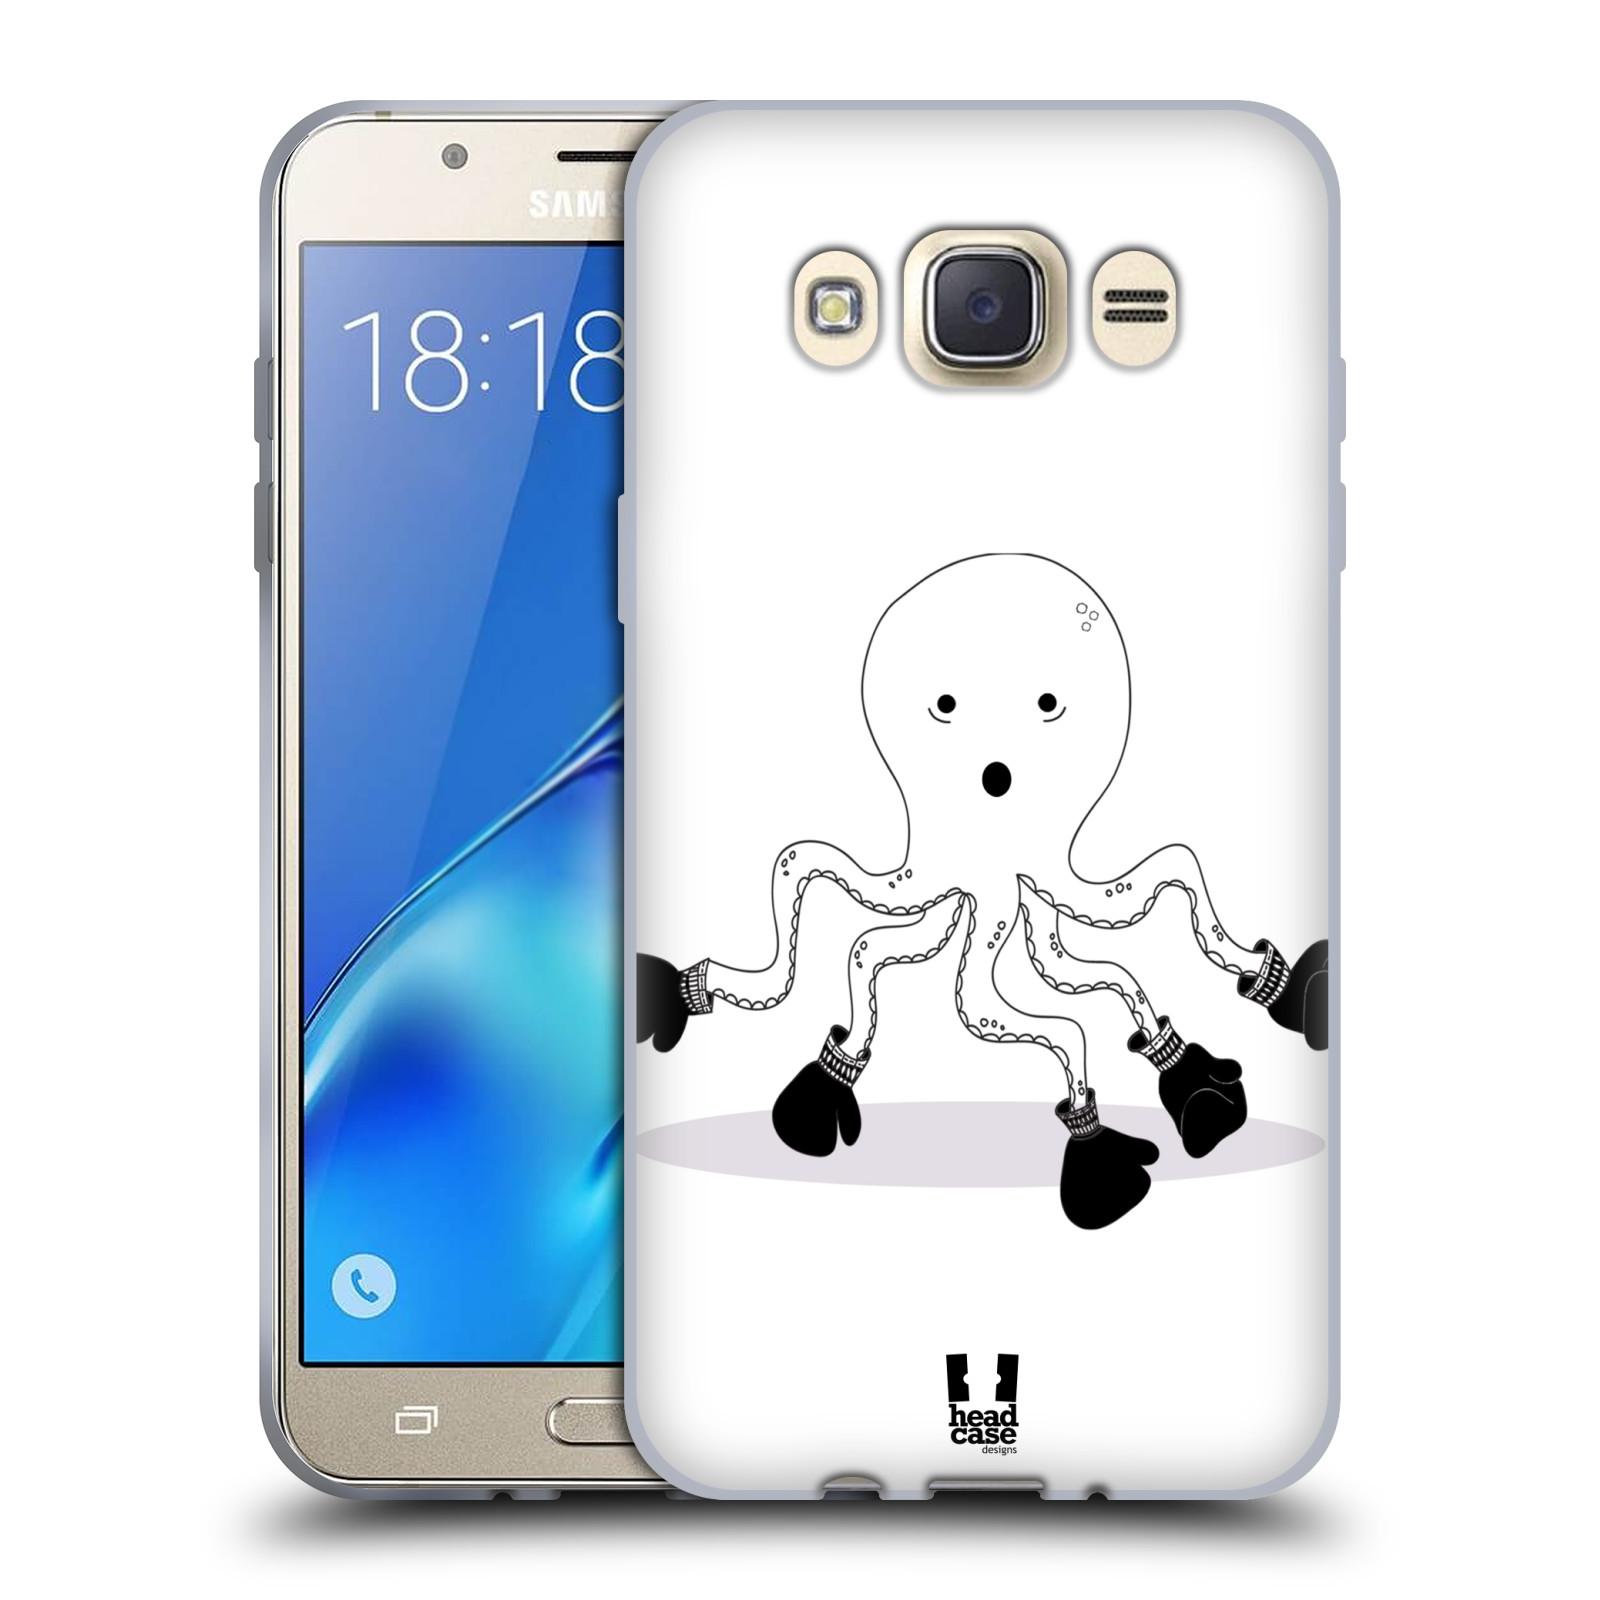 HEAD CASE silikonový obal, kryt na mobil Samsung Galaxy J7 2016 (J710, J710F) vzor Bizardní kreslená zvířátka boxer chobotnice